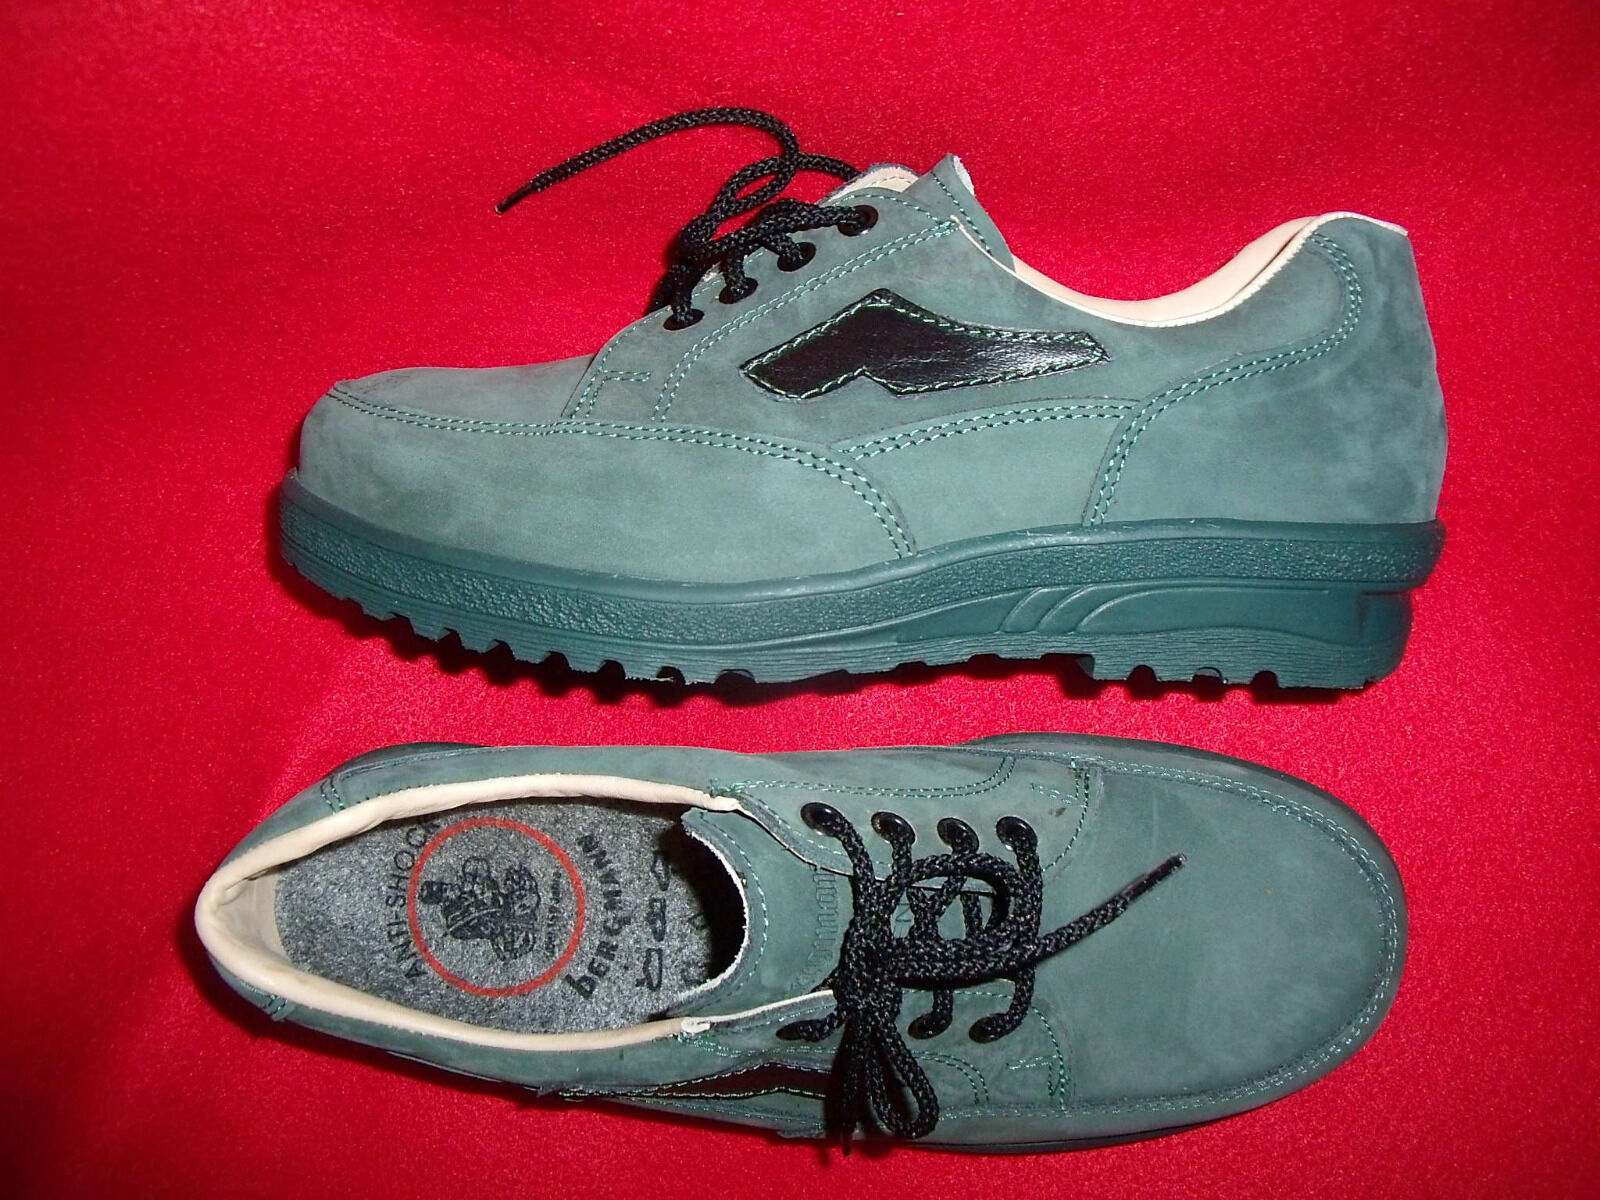 Lüxus laborales porque zapato eh talla 41   cuero auténtico   plantillas-lana  Metal-nariz. nuevo a009ad